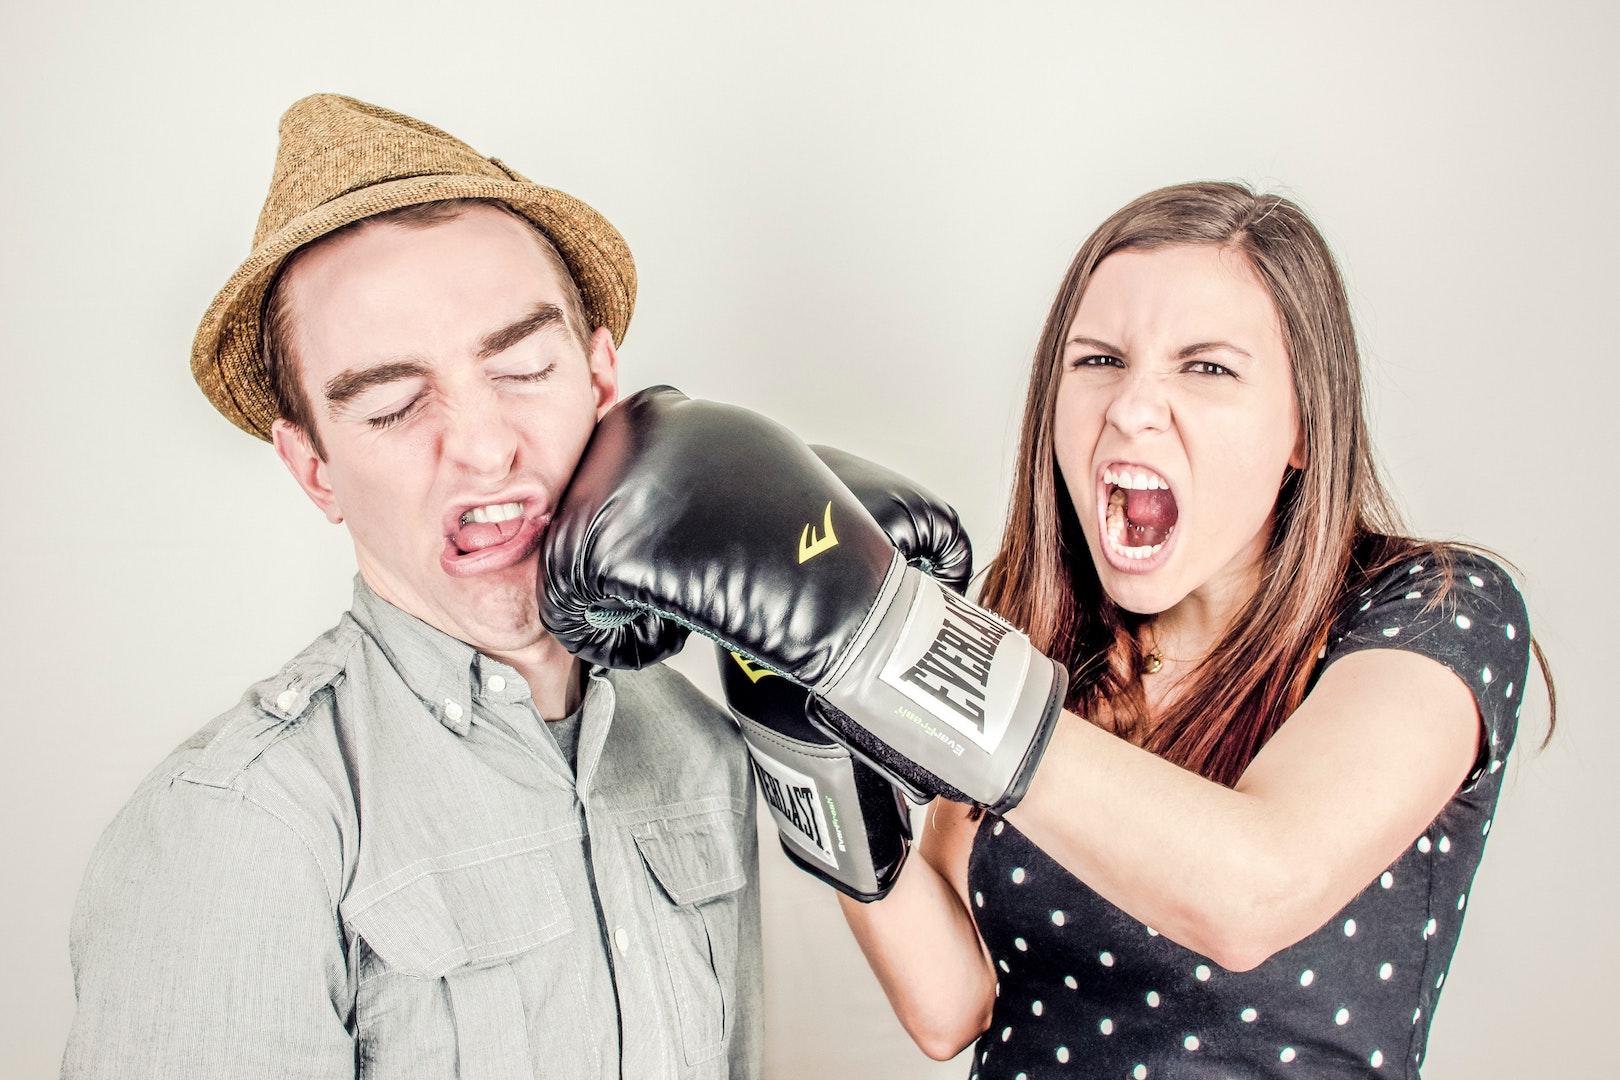 angry-woman-hitting-man